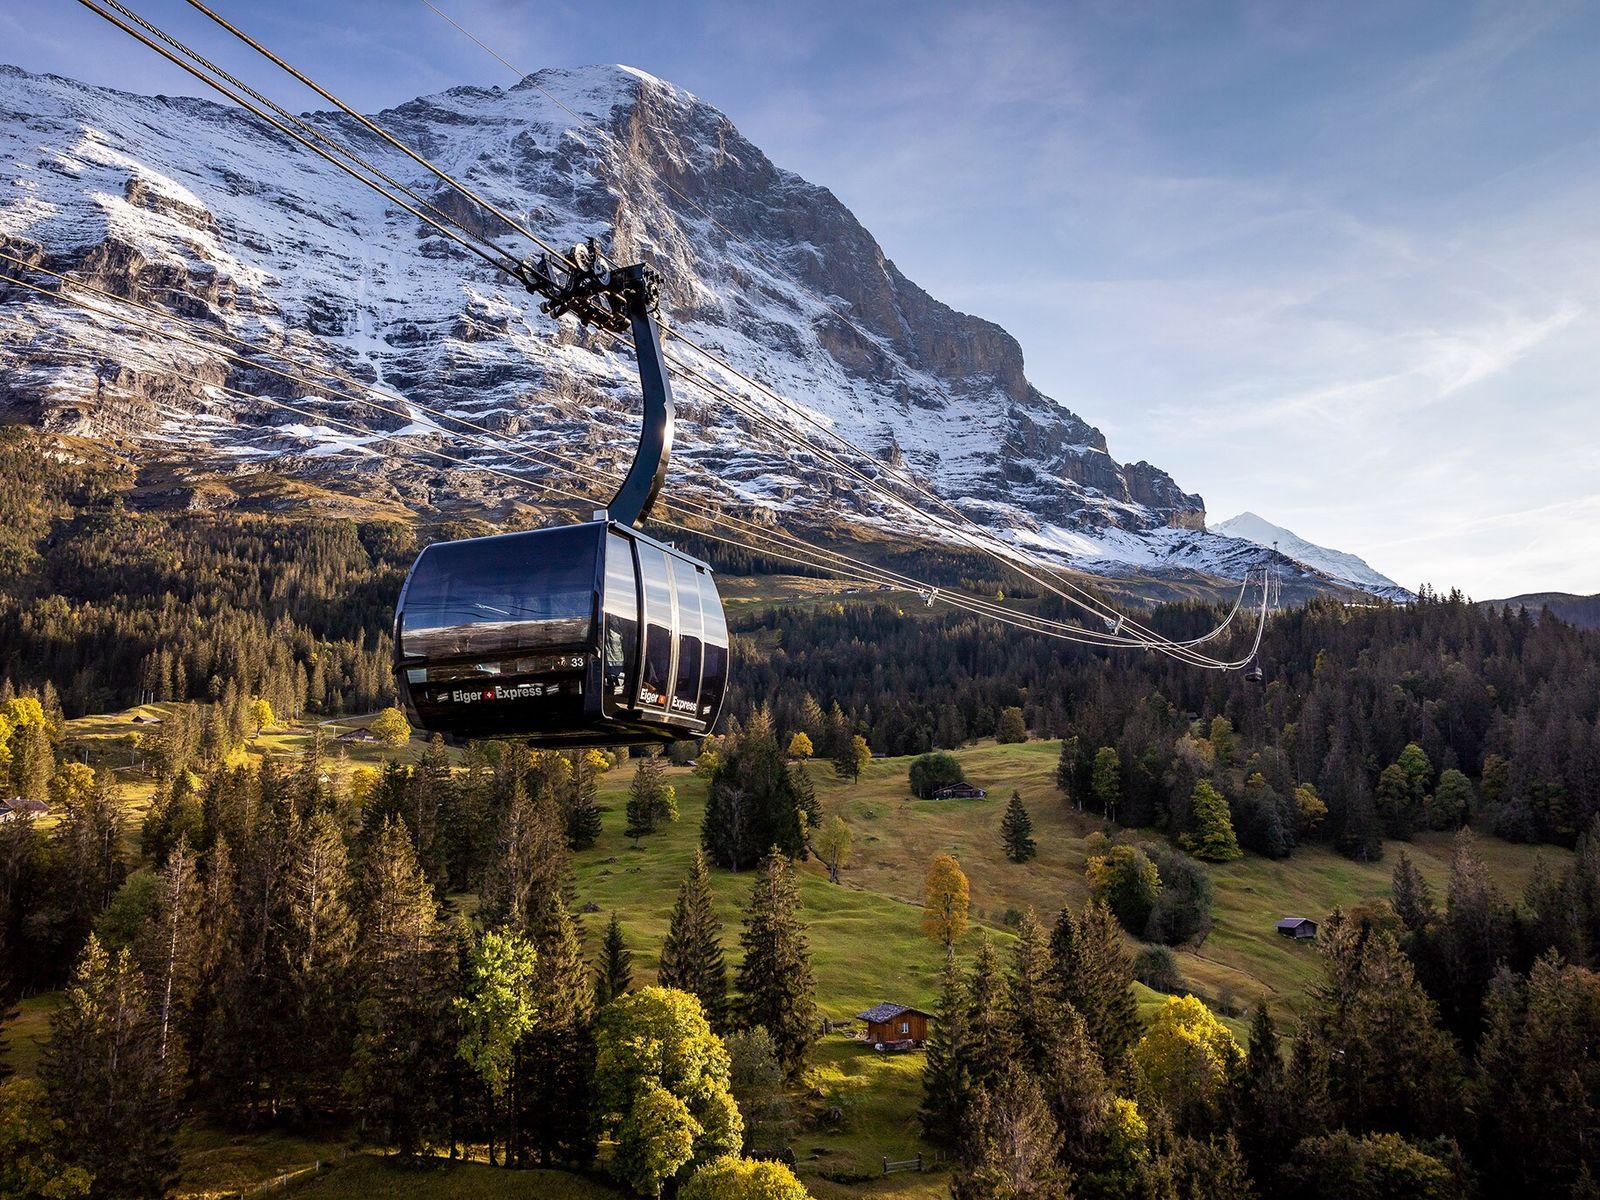 Eiger-Express